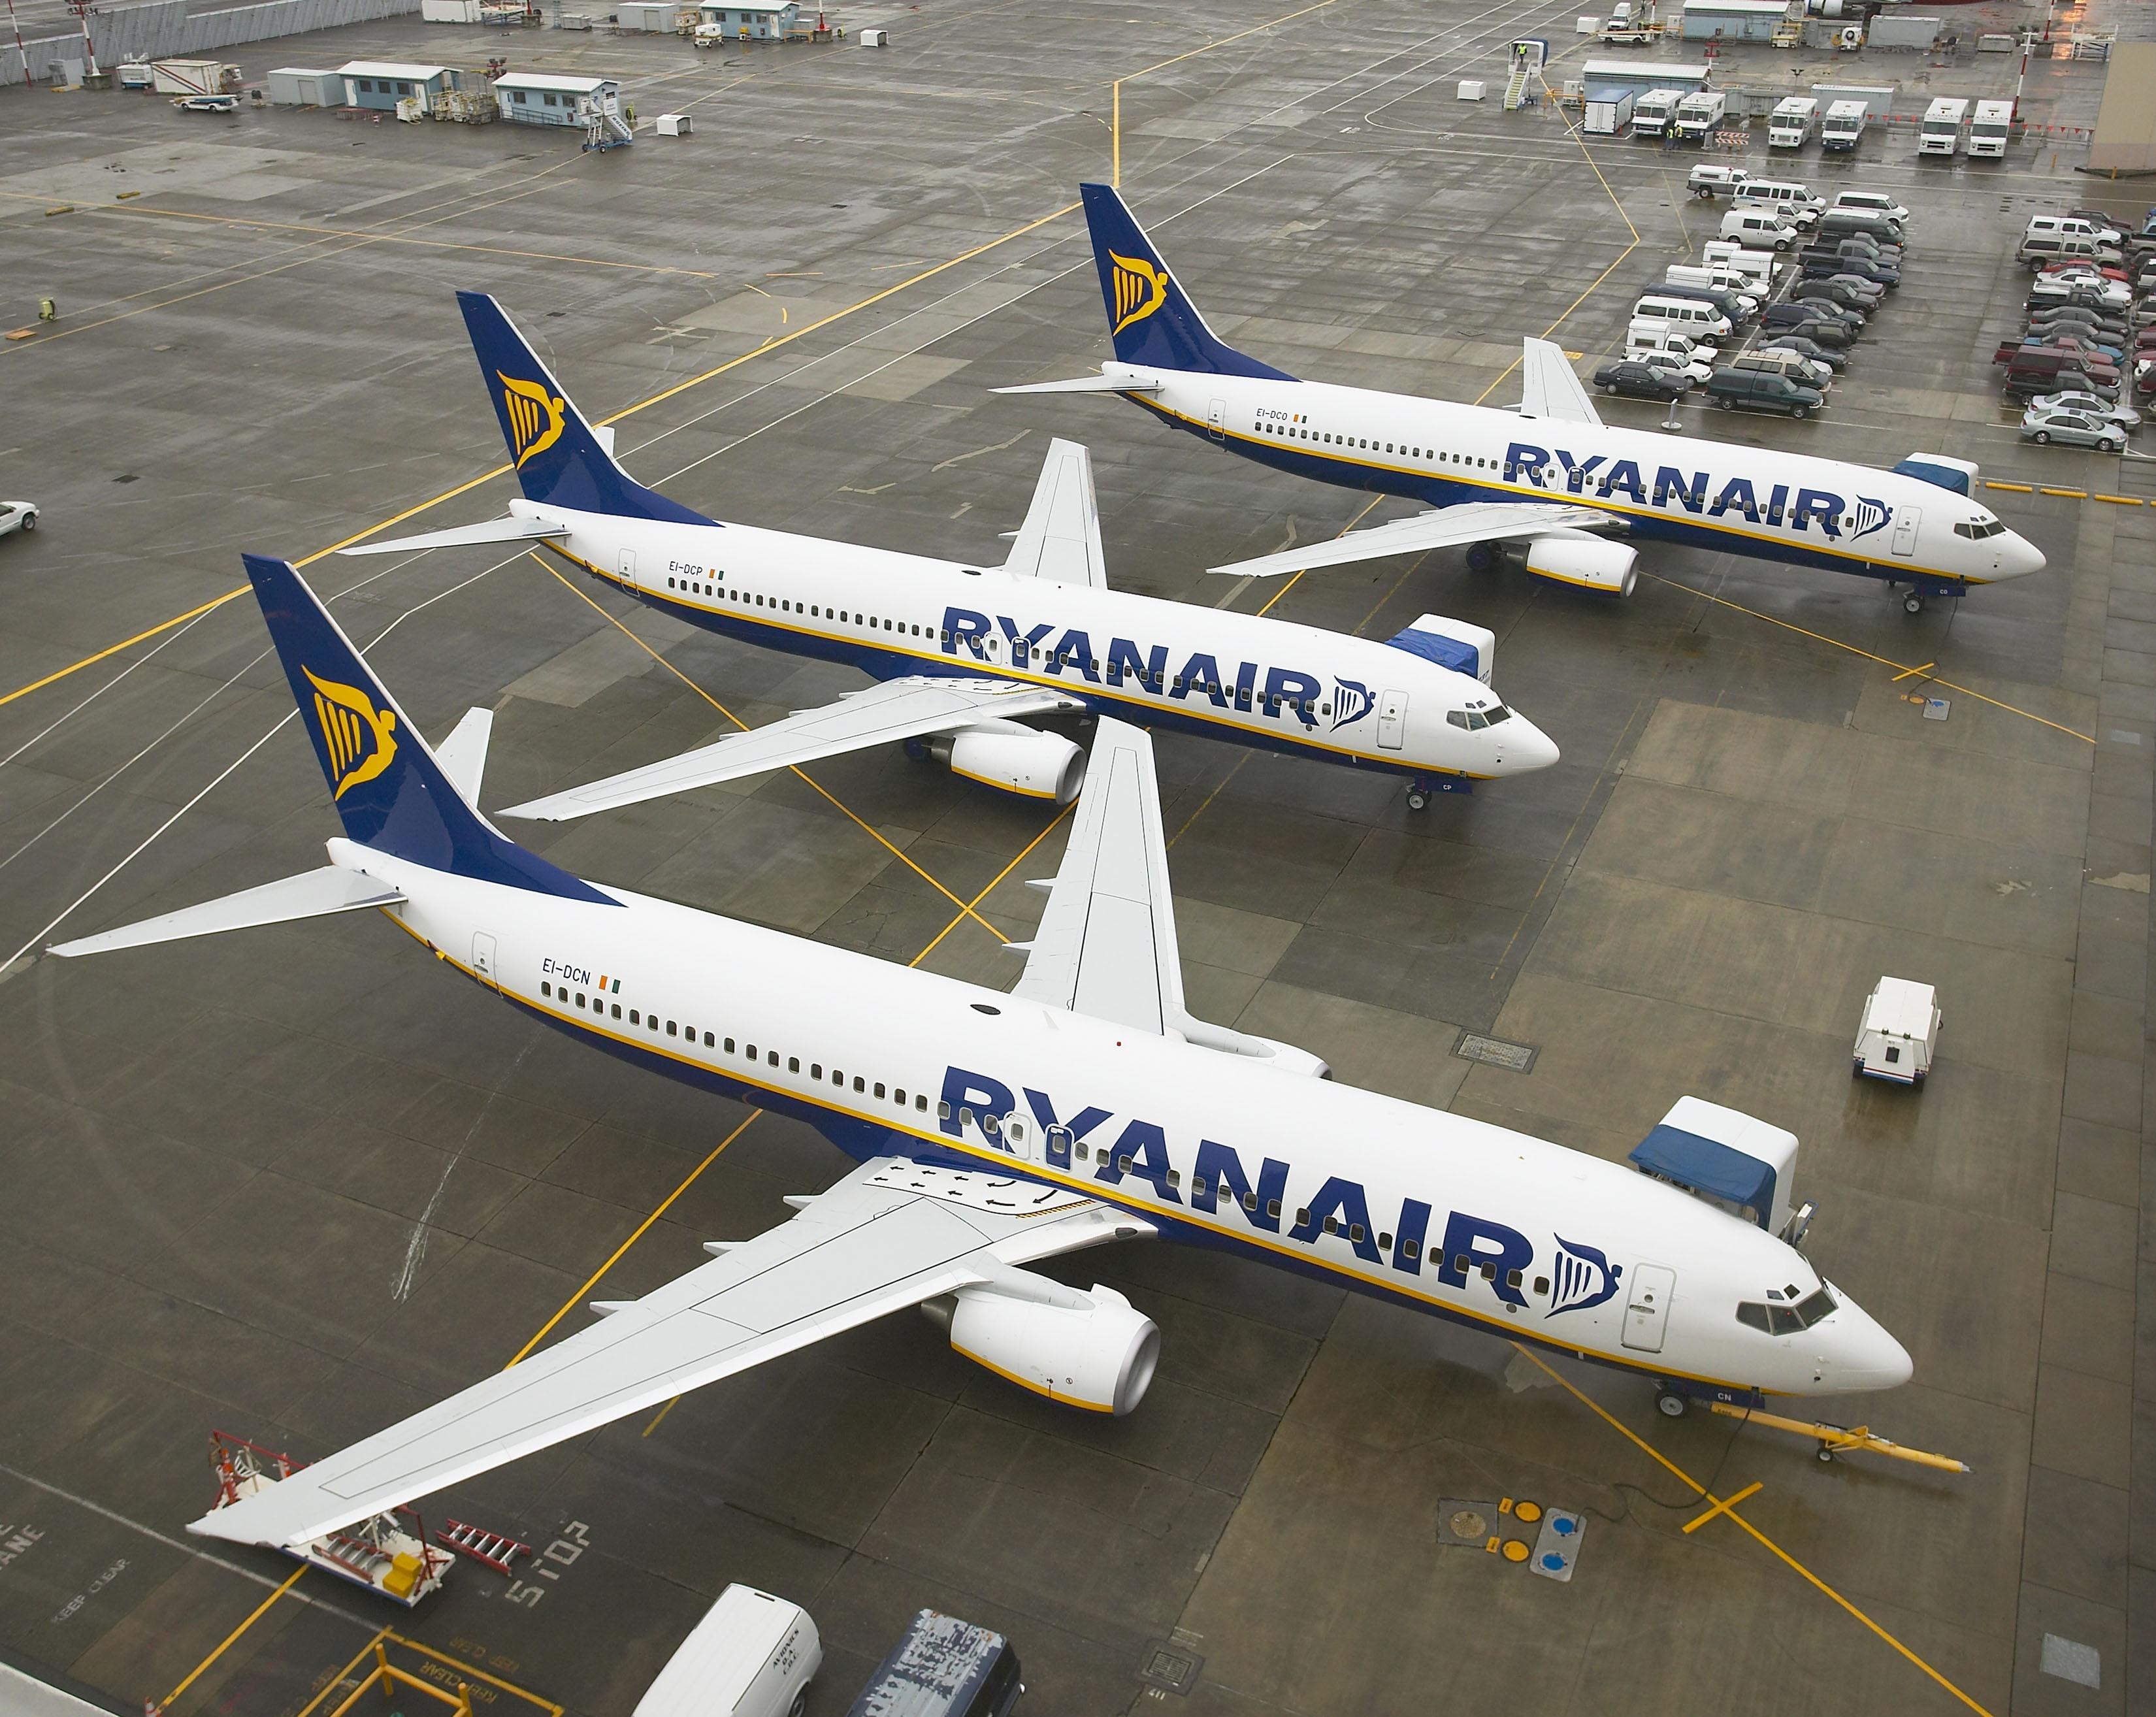 Three Ryanair jets parked on the tarmac